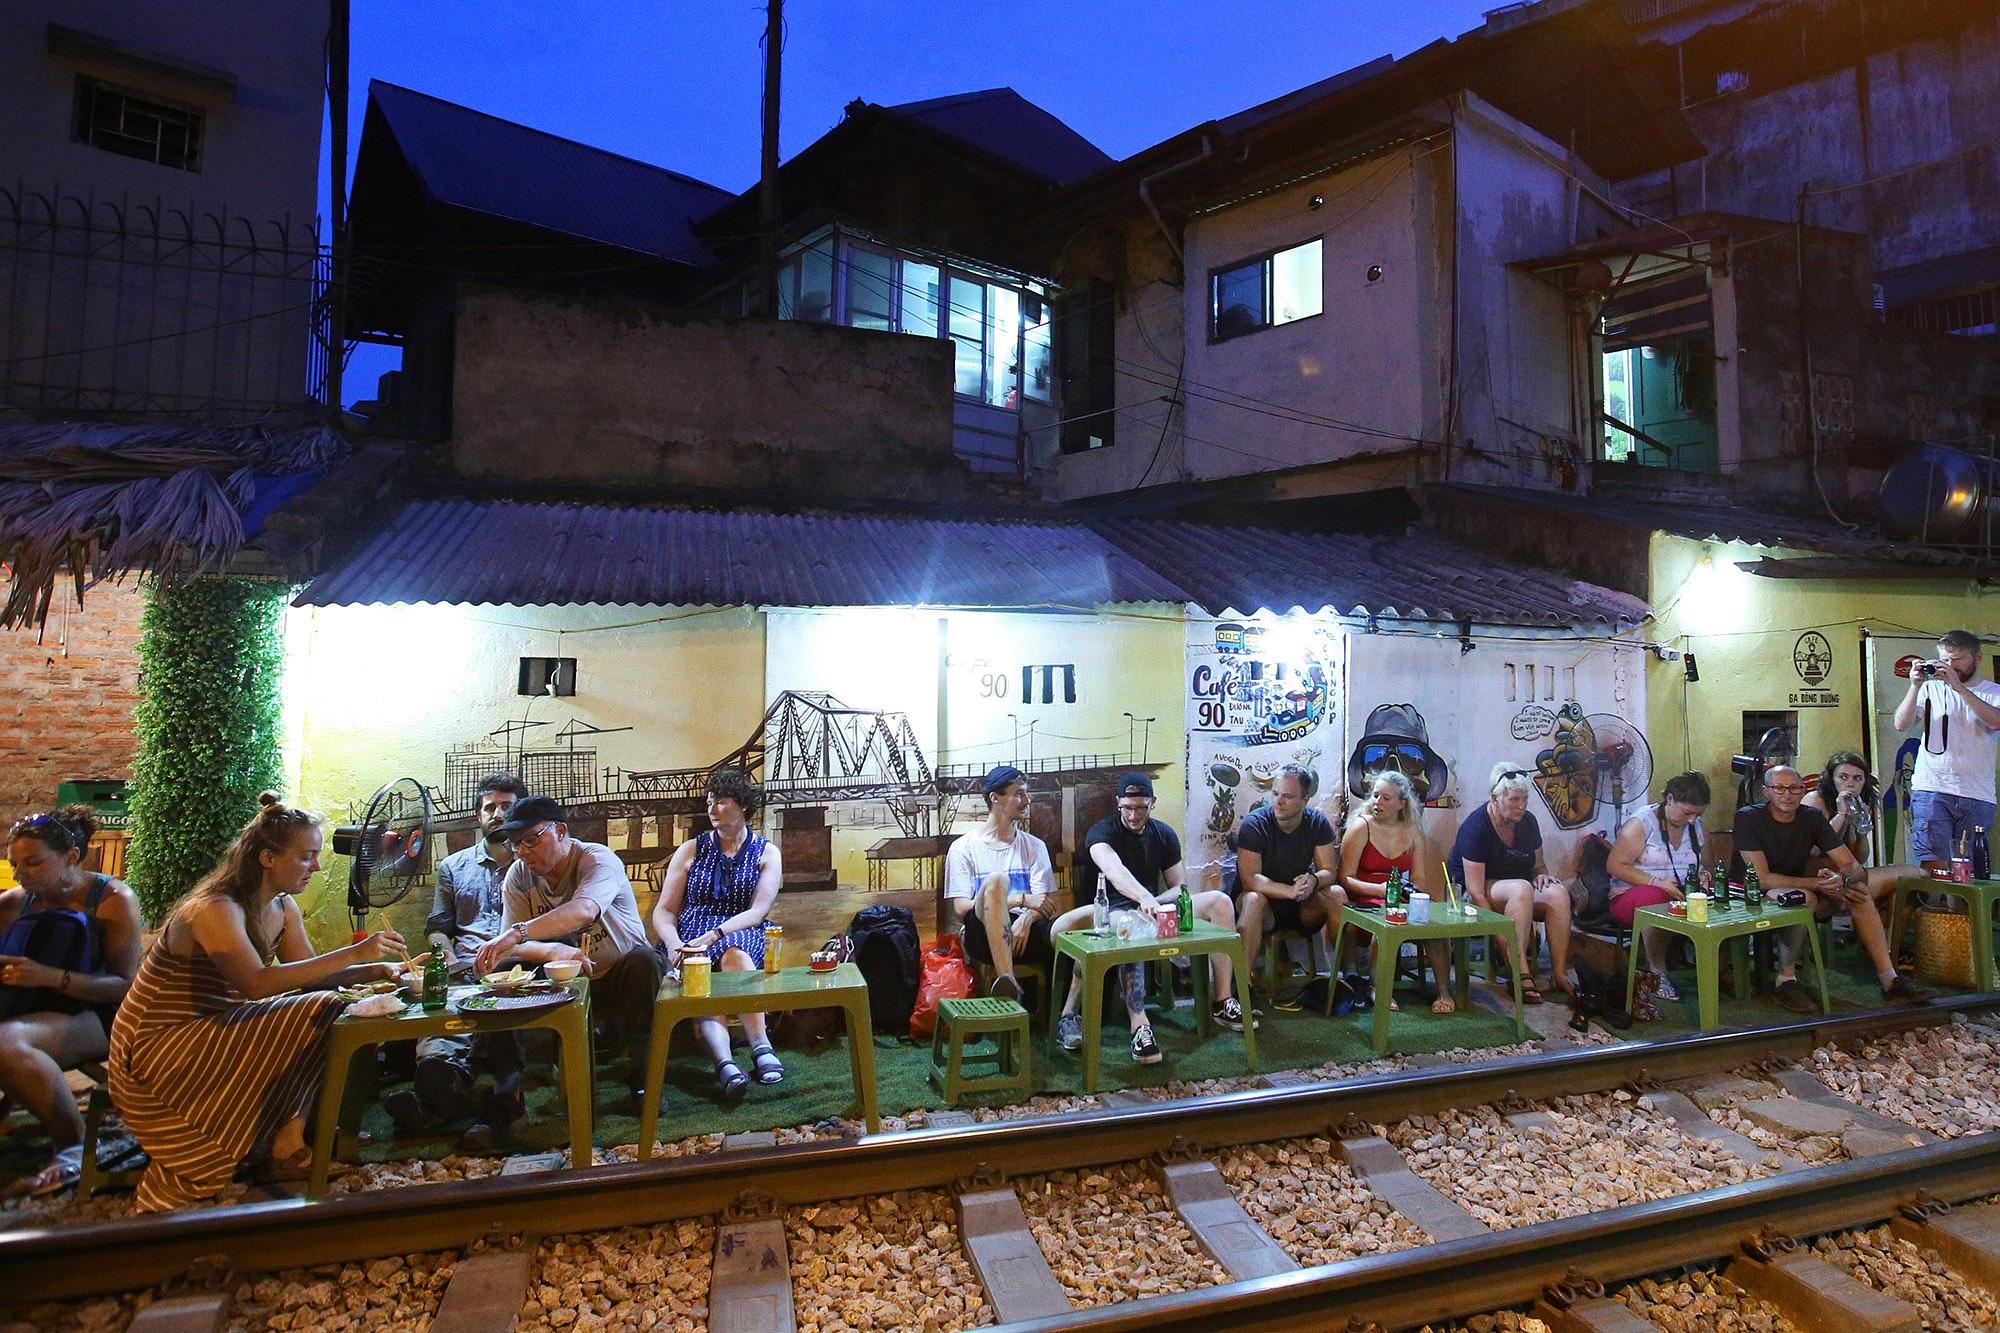 Xóm đường tàu lên đời thành điểm du lịch hấp dẫn ở Hà Nội - 12